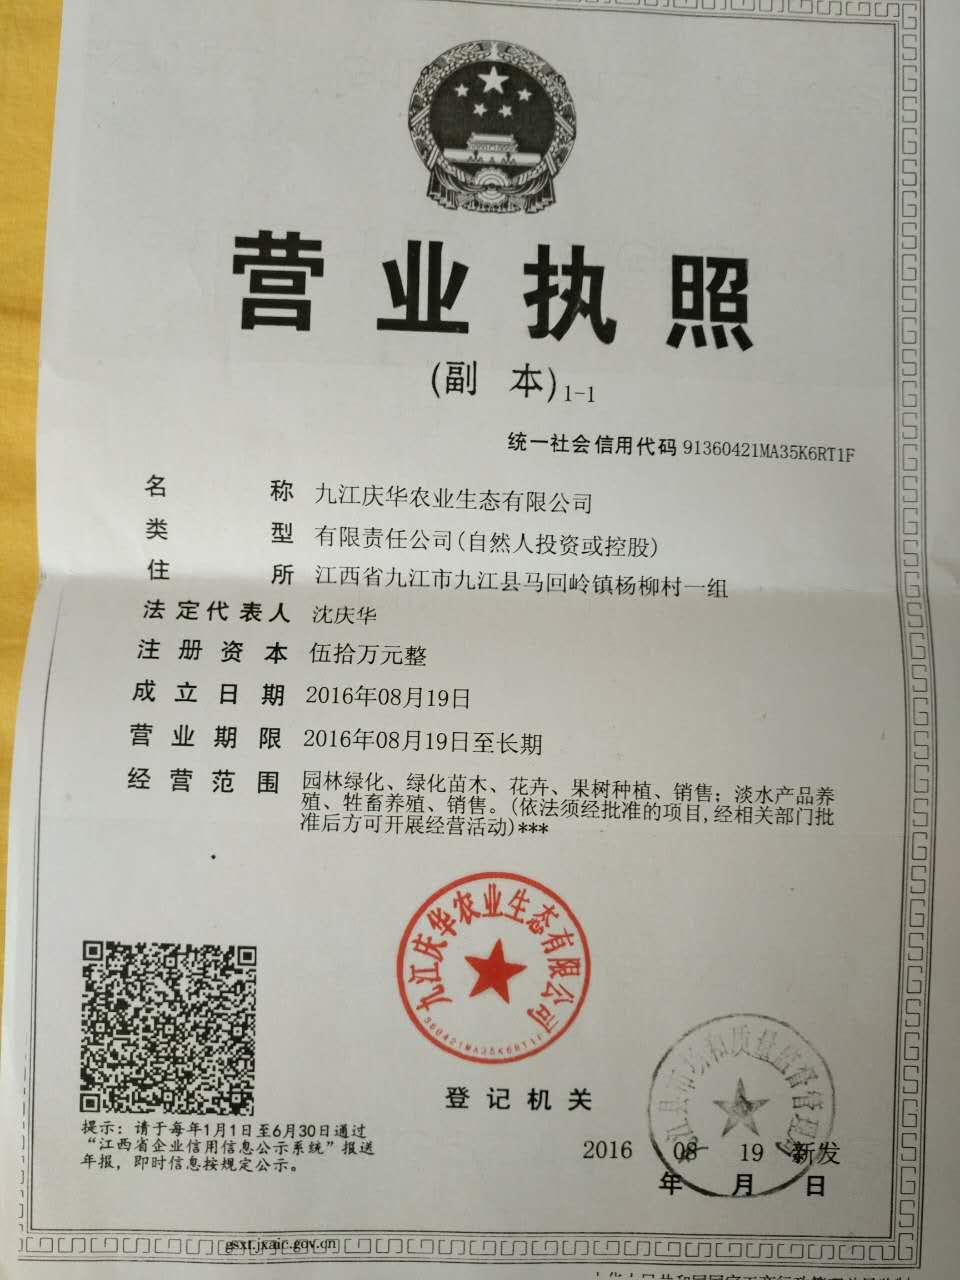 九江庆华农业生态有限公司